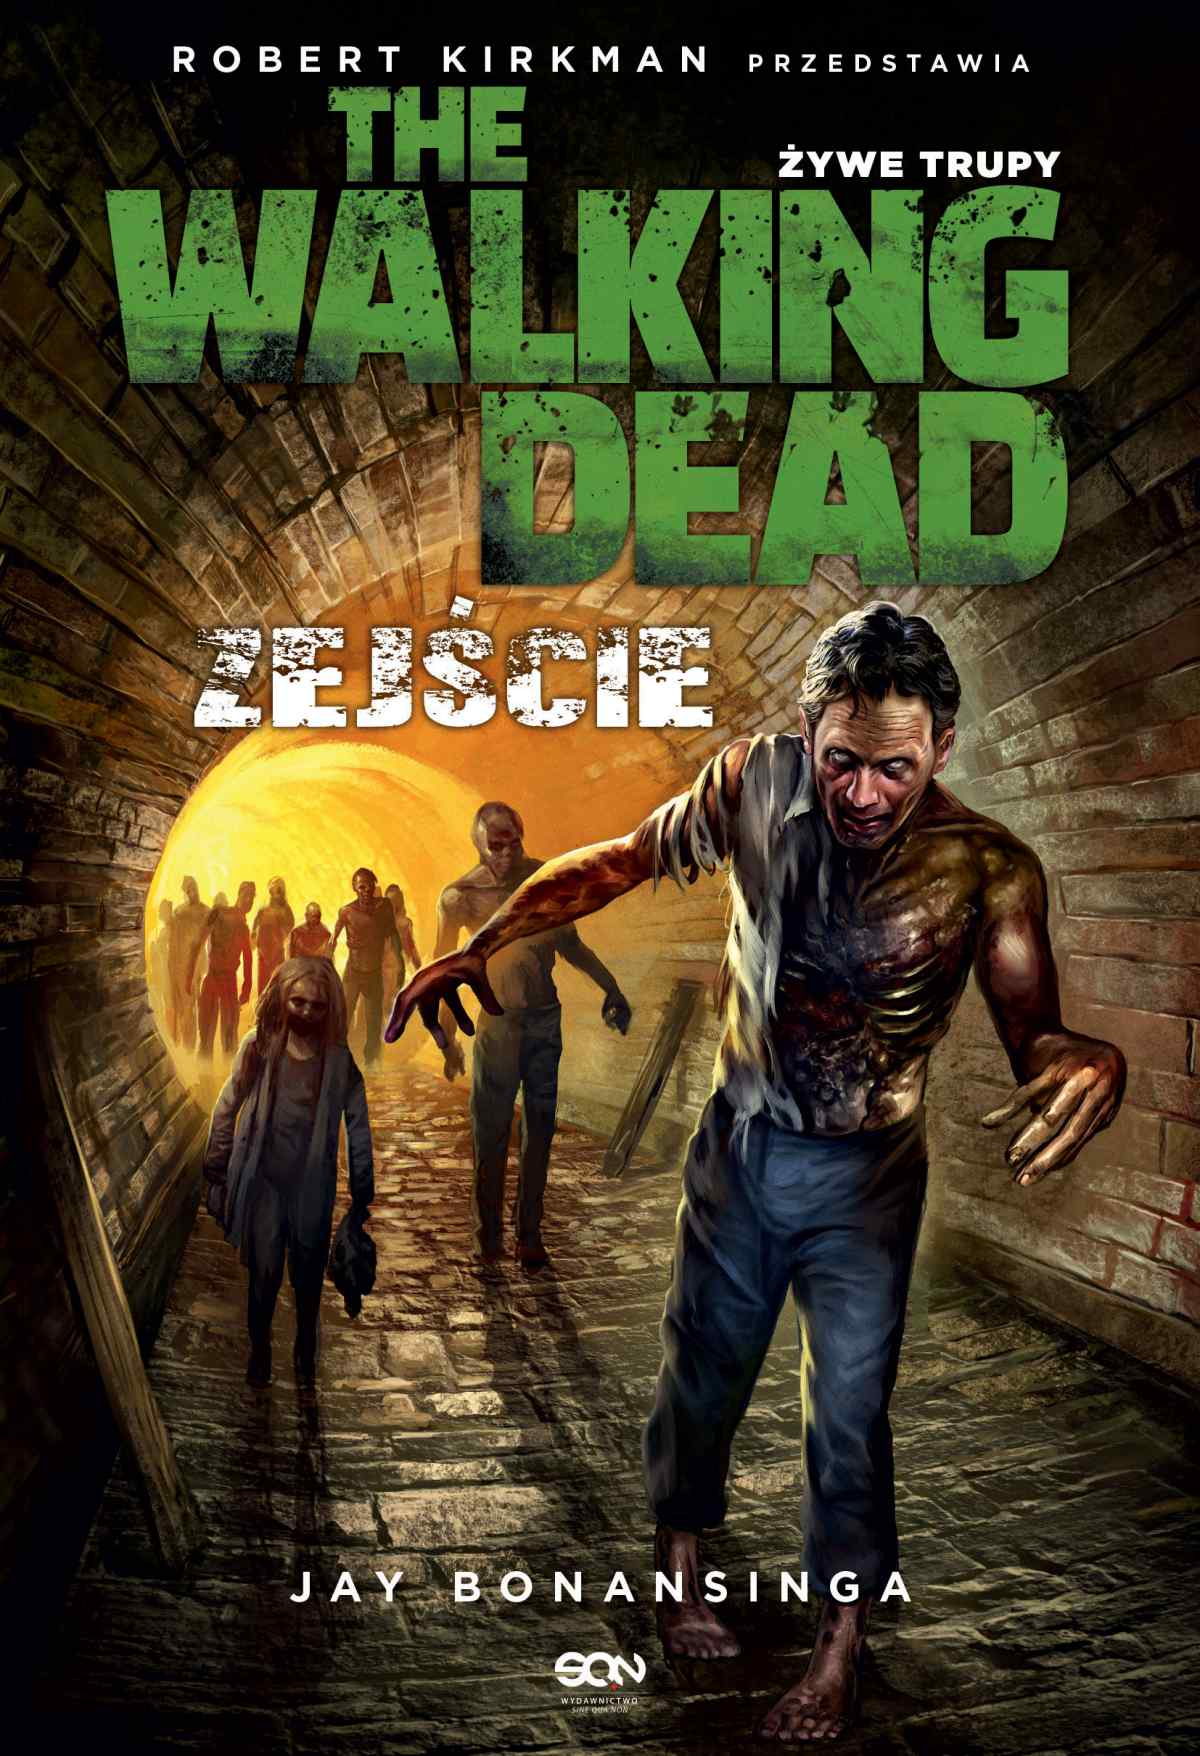 The Walking Dead. Żywe Trupy. Zejście - Ebook (Książka EPUB) do pobrania w formacie EPUB